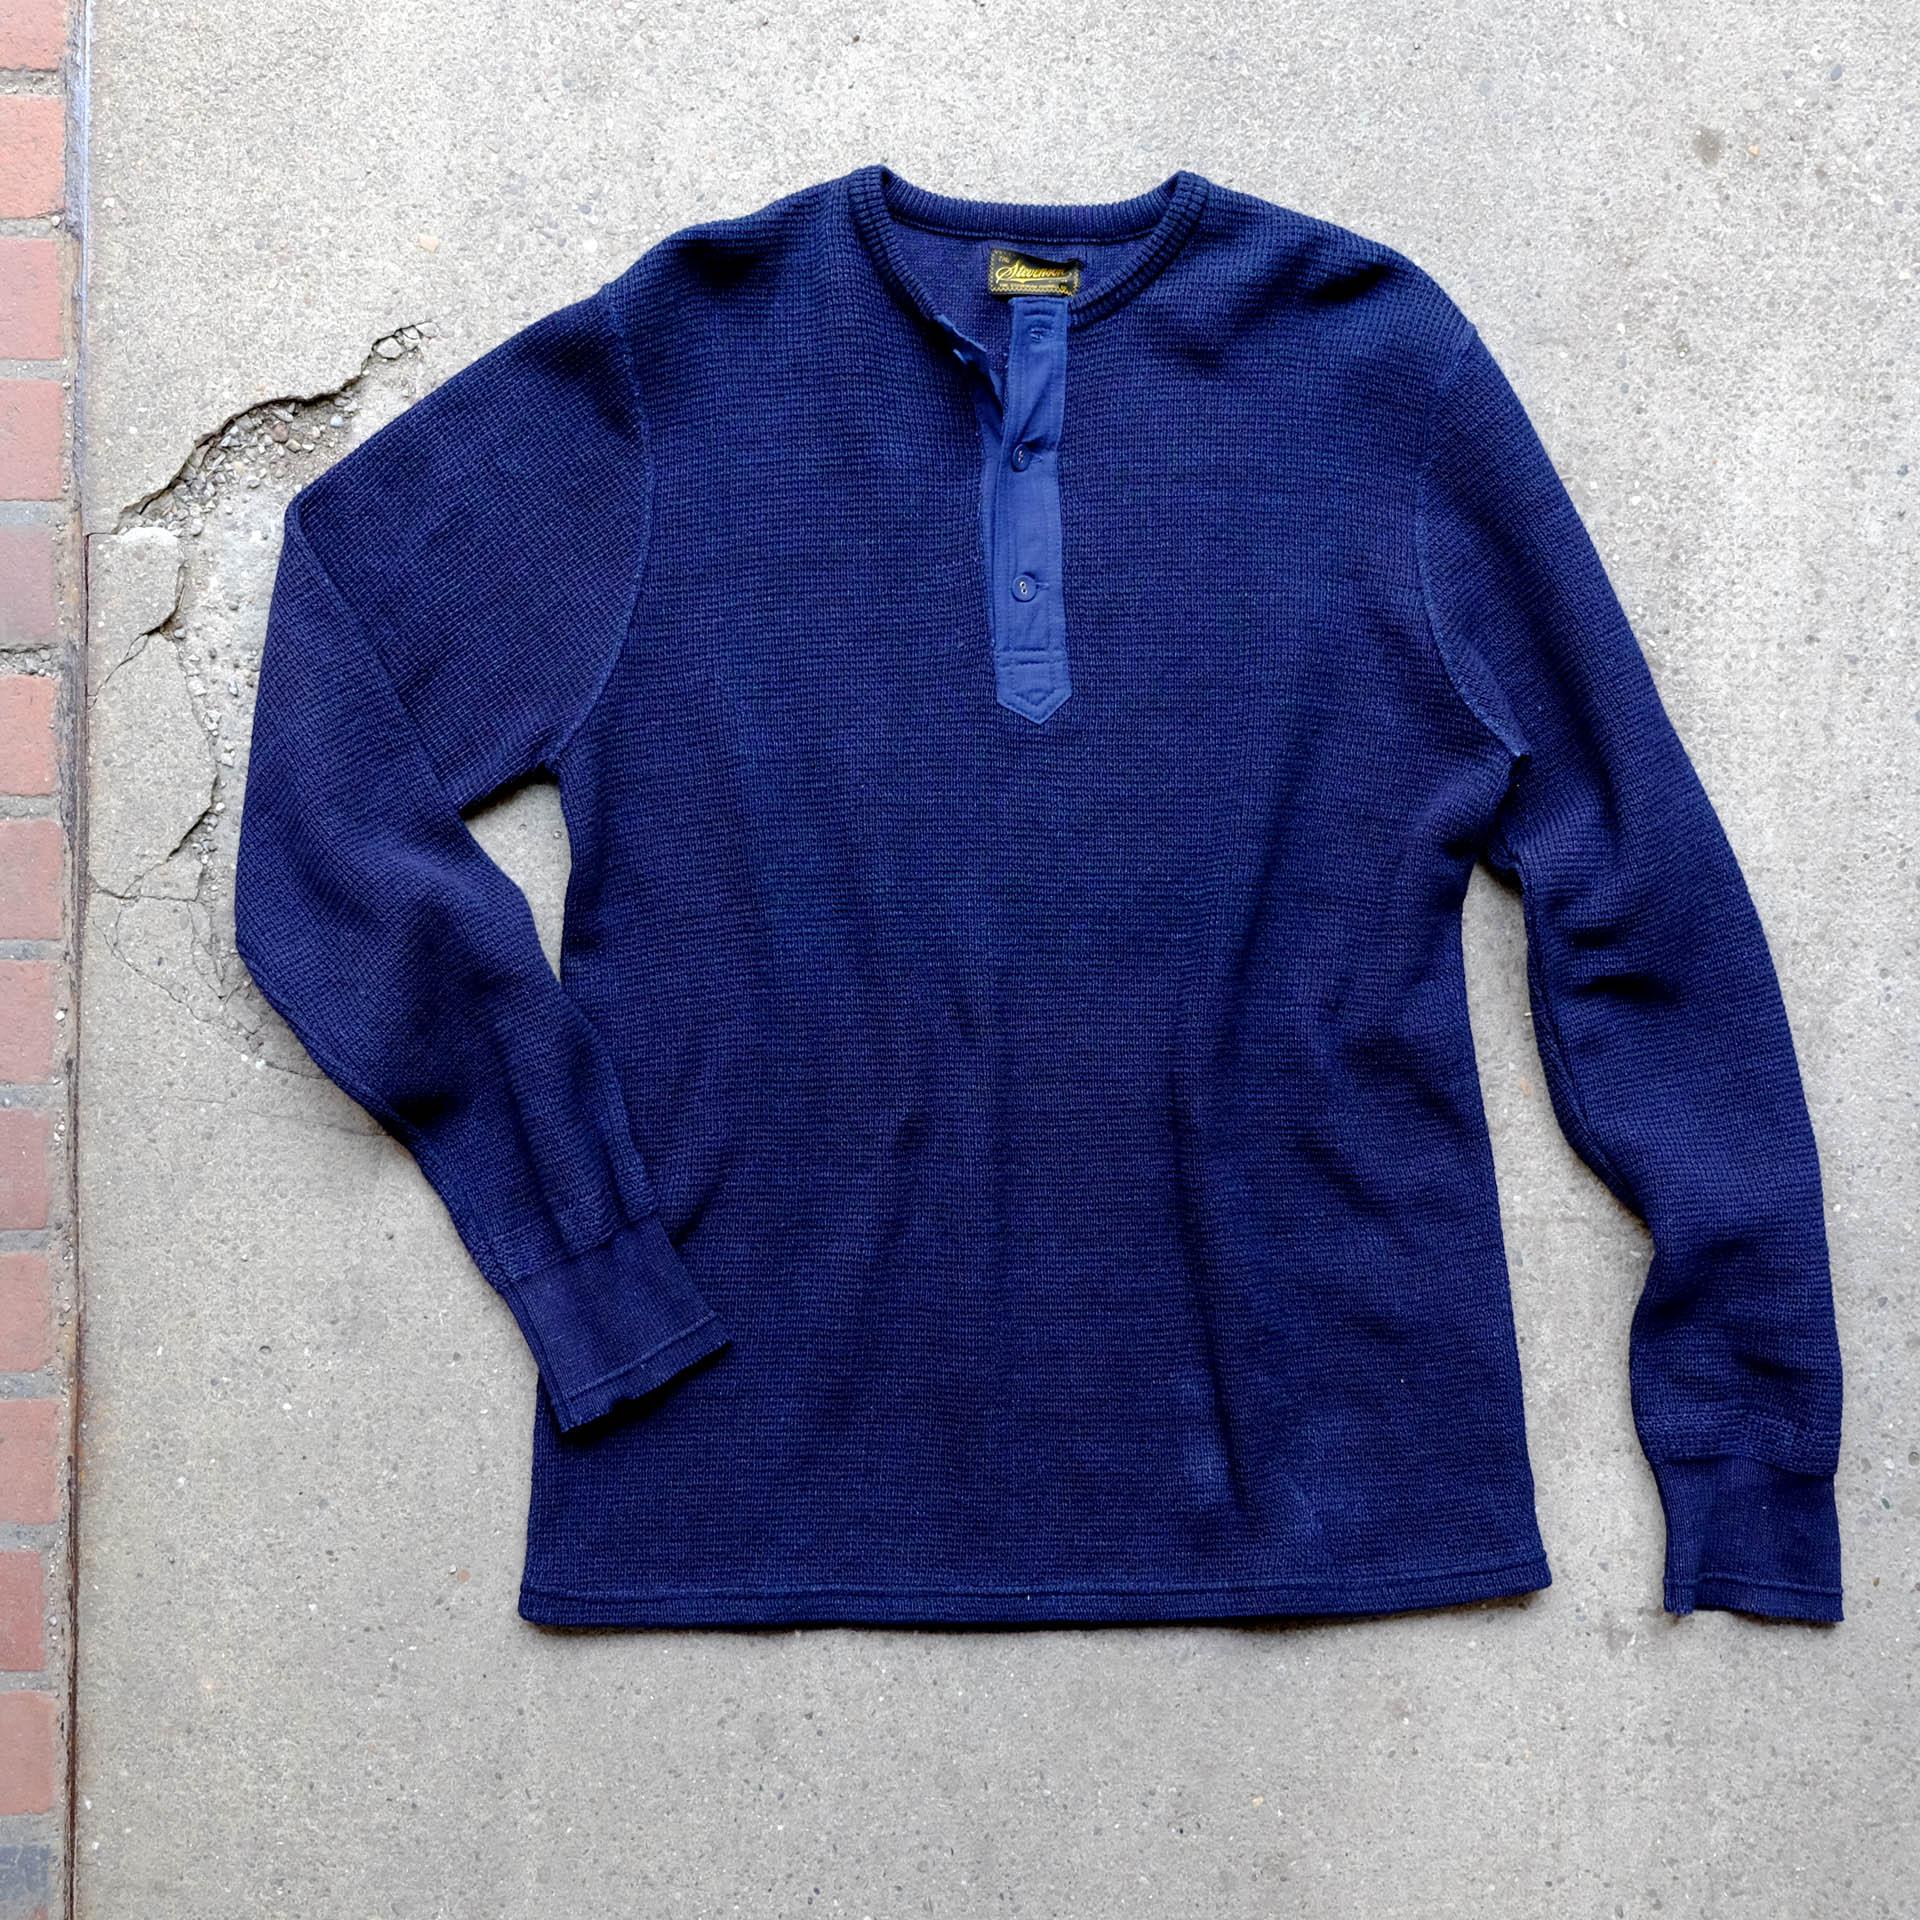 stevensonoverall-pullover-xxl-indigo-blau